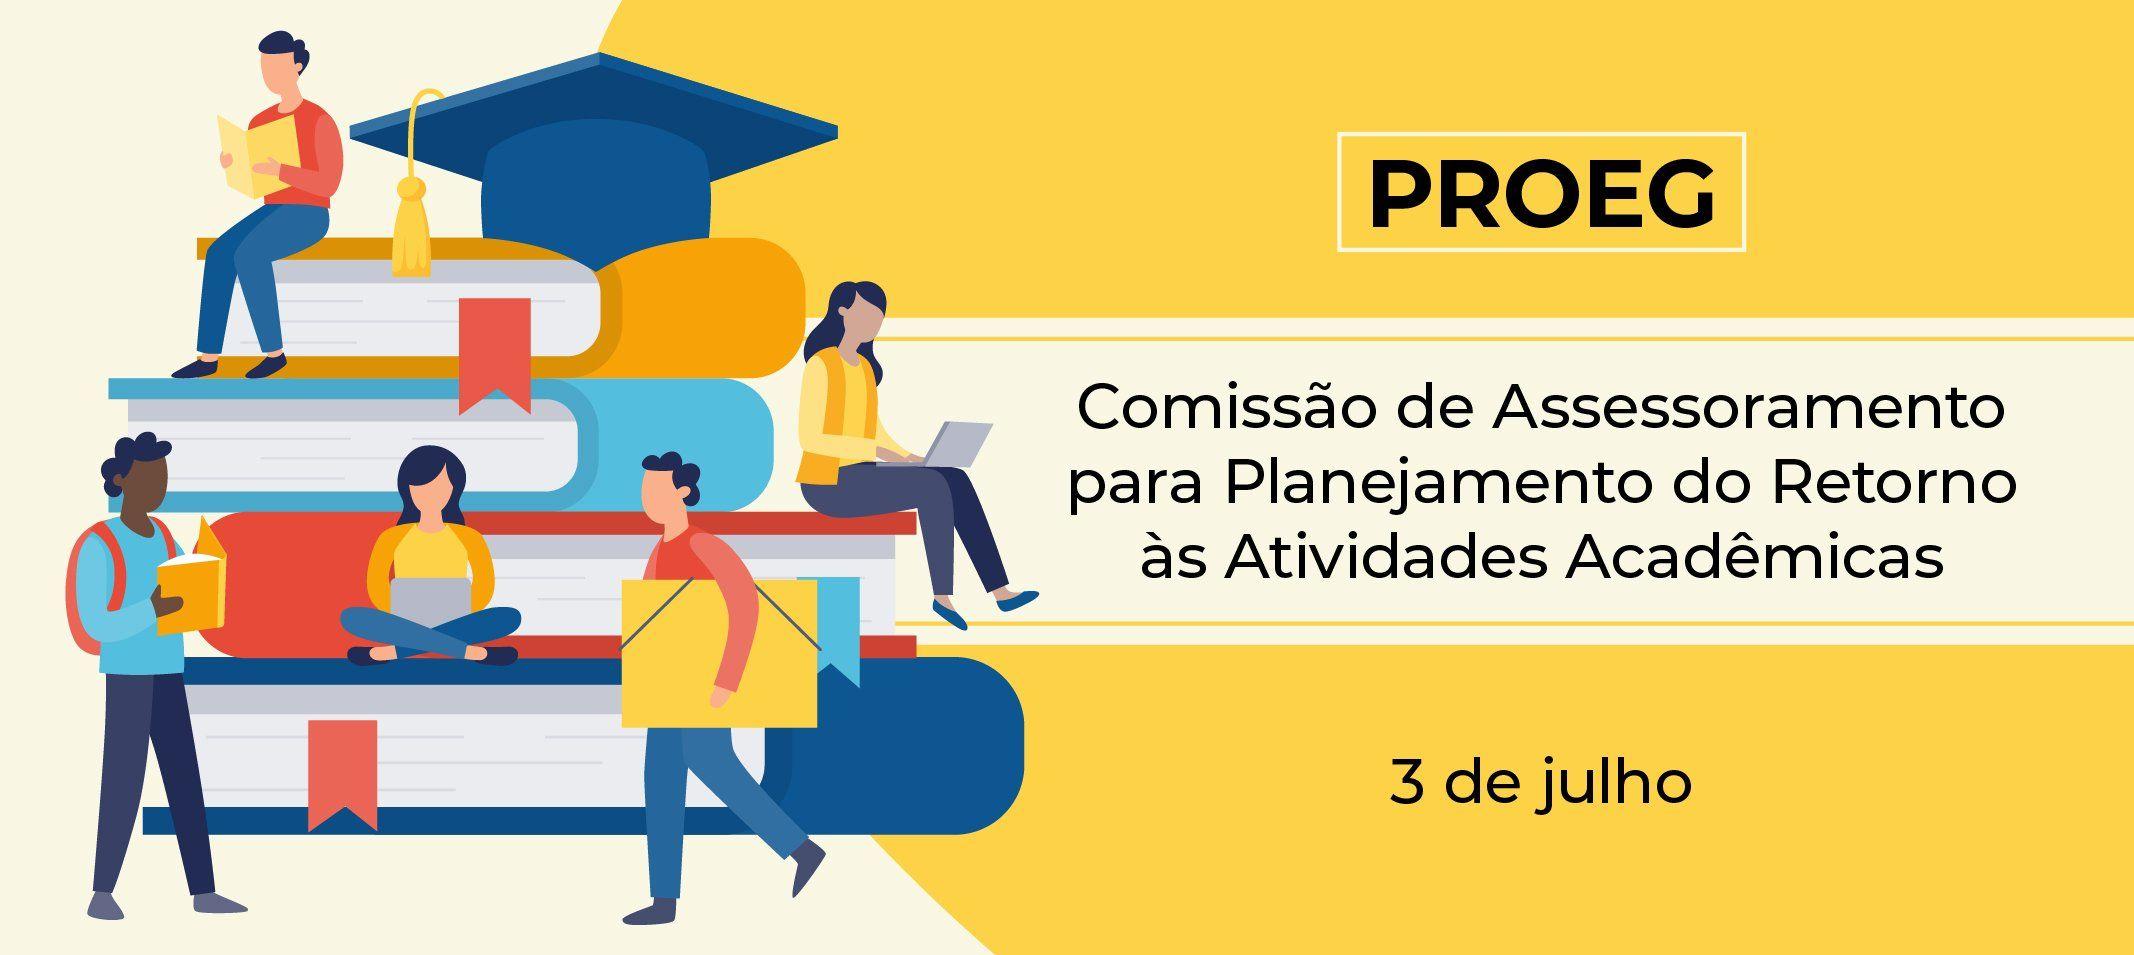 Proeg cria comissão para assessorar o planejamento do retorno às atividades acadêmicas